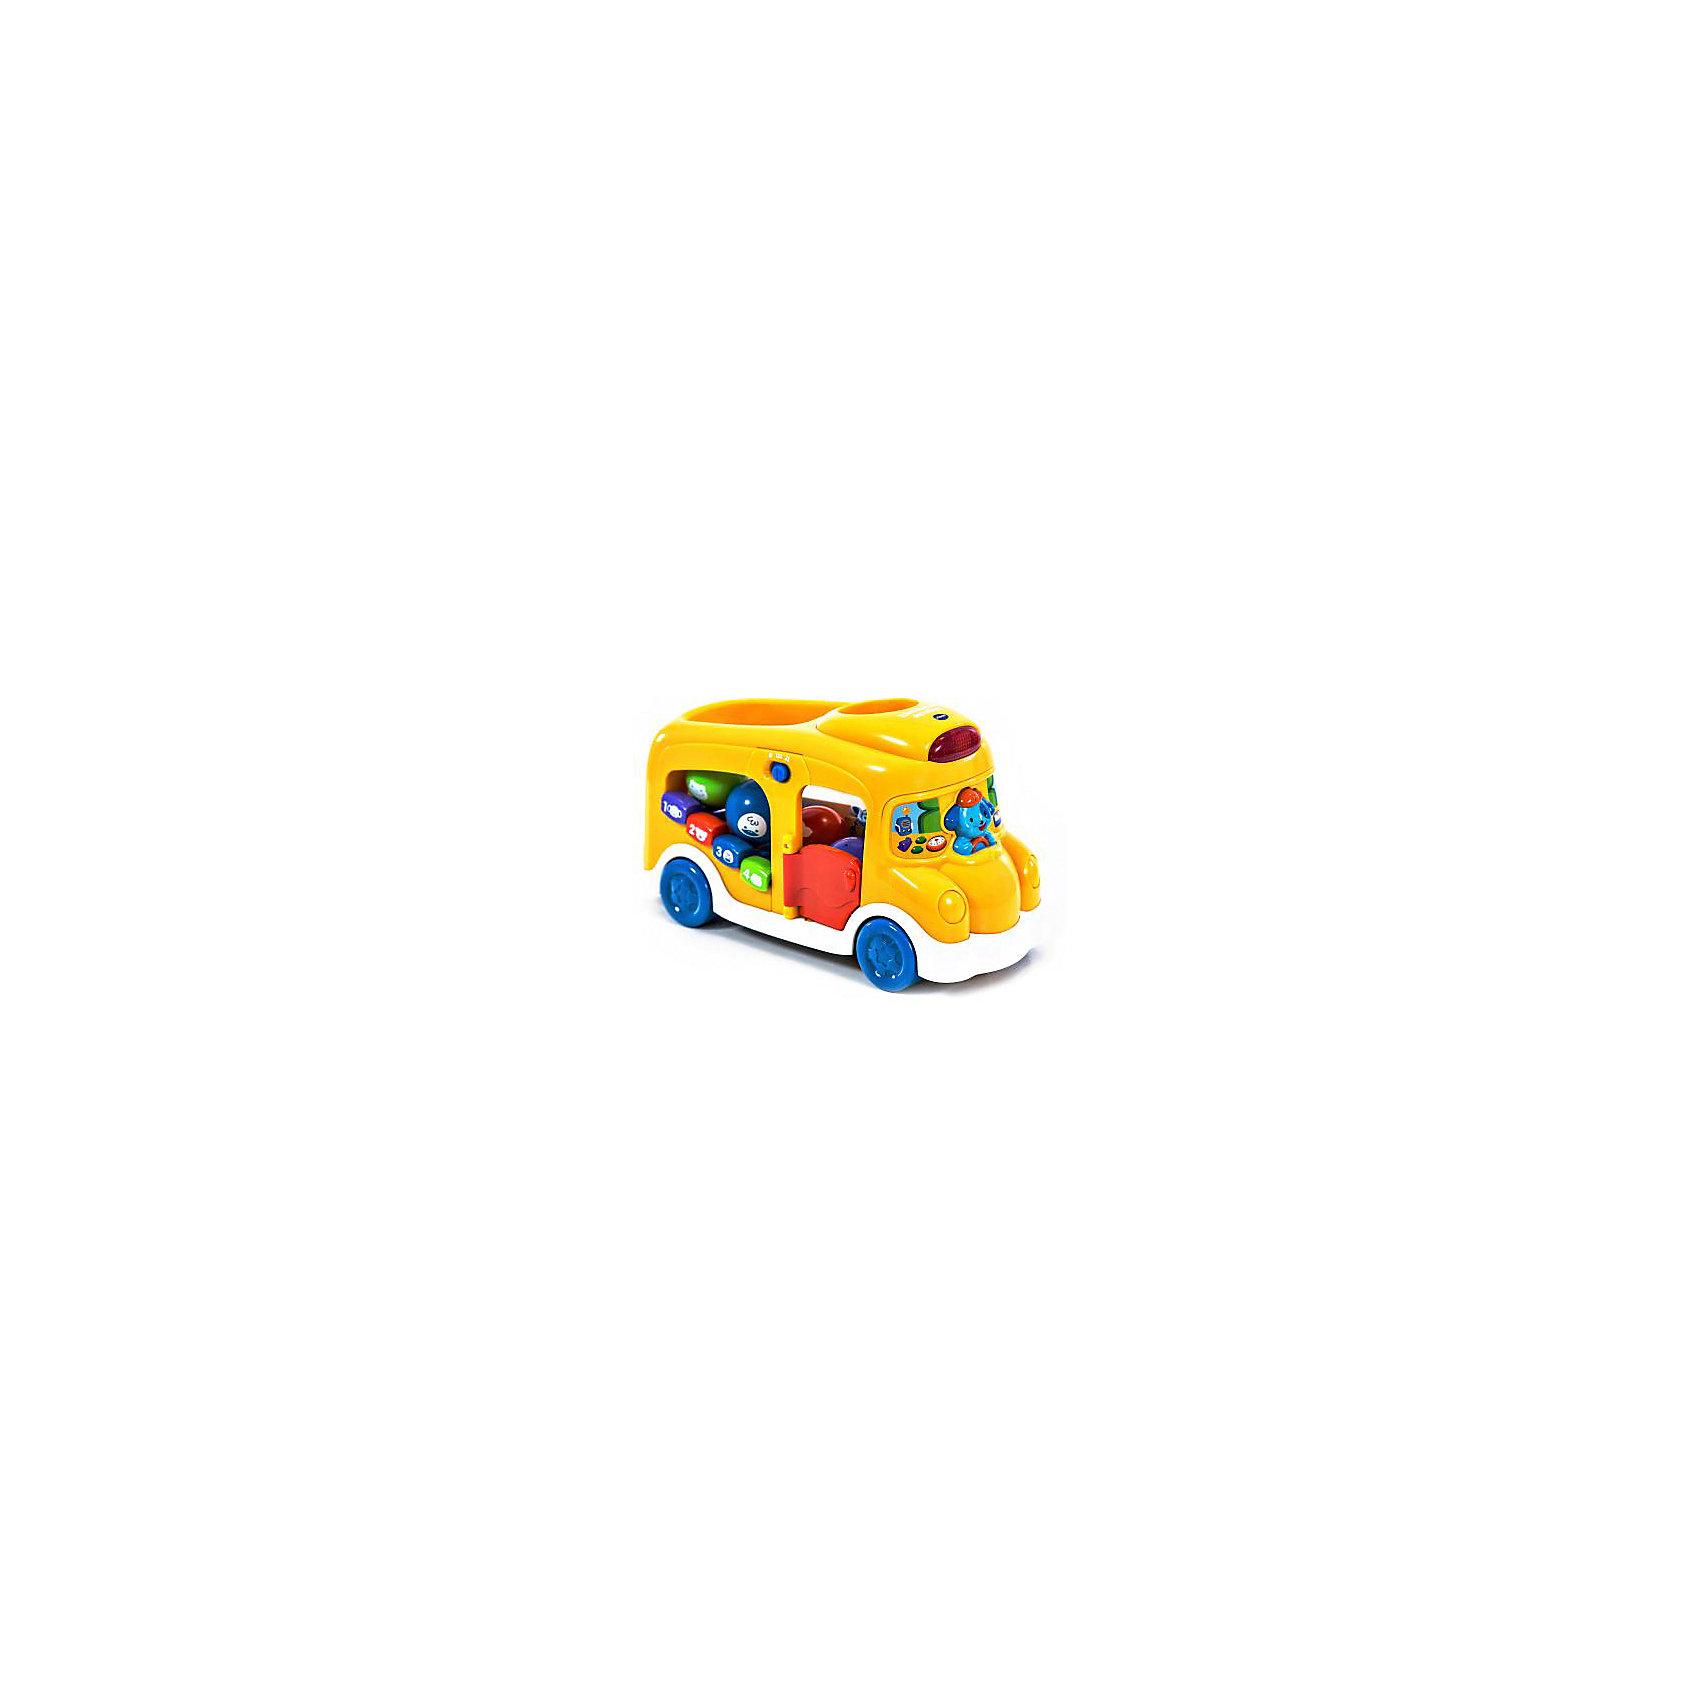 Школьный автобус, VtechМашинки и транспорт для малышей<br>Школьный автобус, Vtech (Втеч).<br><br>Характеристики:<br><br>• Для детей от 6 месяцев до 3 лет <br>• Комплектация: автобус, 4 интерактивных шарика разных цветов с нарисованными животными<br>• Материал: пластик<br>• Размер автобуса: 29x17,5x10,5 см.<br>• Батарейки: 3 типа АА (в комплекте демонстрационные)<br>• Упаковка: красочная подарочная коробка<br>• Размер упаковки: 35x24,5x14,5 см.<br><br>Красочный набор школьный автобус от французской компании Vtech – великолепная развивающая игрушка 2 в 1, которая работает в двух режимах обучающем и музыкальном. Играя в школьный автобус, ваш малыш выучит названия цветов и животных, научиться считать до 4-х, разовьет свои музыкальные способности игрой на пианино (4 клавиши) и послушает песенку из мультфильма. В комплект с автобусом входят 4 разноцветных интерактивных шарика с изображениями животных. <br><br>Бросая шарики в отверстие в крыше автобуса, малыш услышит голоса животных в зависимости от того, какой шарик он опустил. Когда малыш немного подрастет, он сможет катать игрушку за веревочку. Верёвочка хранится в специальном отсеке. Дверка автобуса открывается. Объемный водитель-собачка одновременно является кнопкой. Имеются световые эффекты. Предусмотрен таймер автоматического отключения. Игрушка изготовлена из прочного безопасного не бьющегося пластика. Продается в красочной коробке и идеально подходит в качестве подарка.<br><br>Игрушку Школьный автобус, Vtech (Втеч) можно купить в нашем интернет-магазине.<br><br>Ширина мм: 150<br>Глубина мм: 360<br>Высота мм: 250<br>Вес г: 1600<br>Возраст от месяцев: 6<br>Возраст до месяцев: 36<br>Пол: Унисекс<br>Возраст: Детский<br>SKU: 3380331